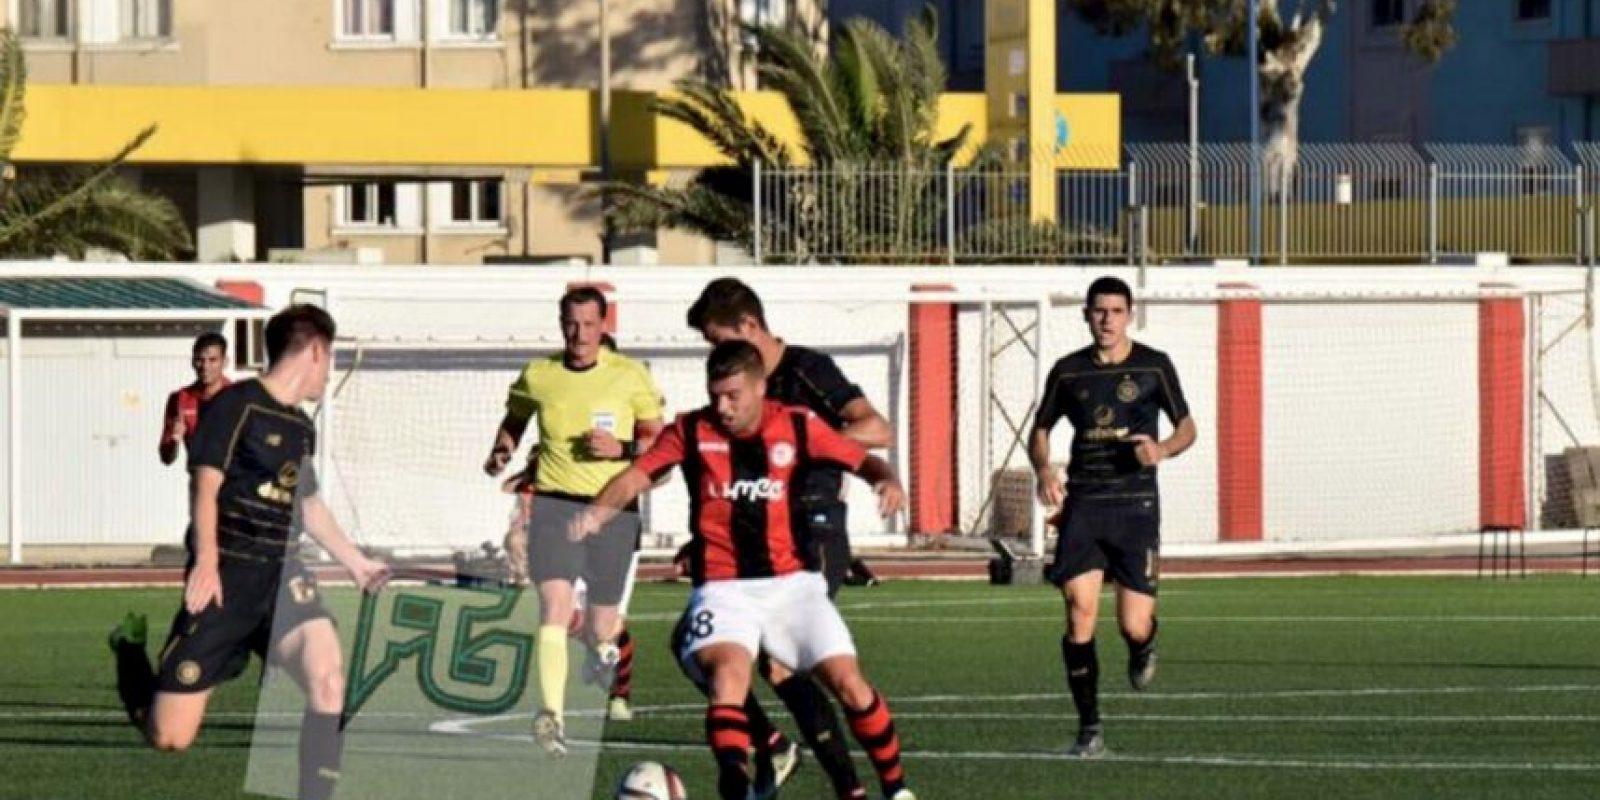 Lincoln Red Imps FC dio la sorpresa en la Champions League y derrotó a Celtic Foto:footballgibraltar.com